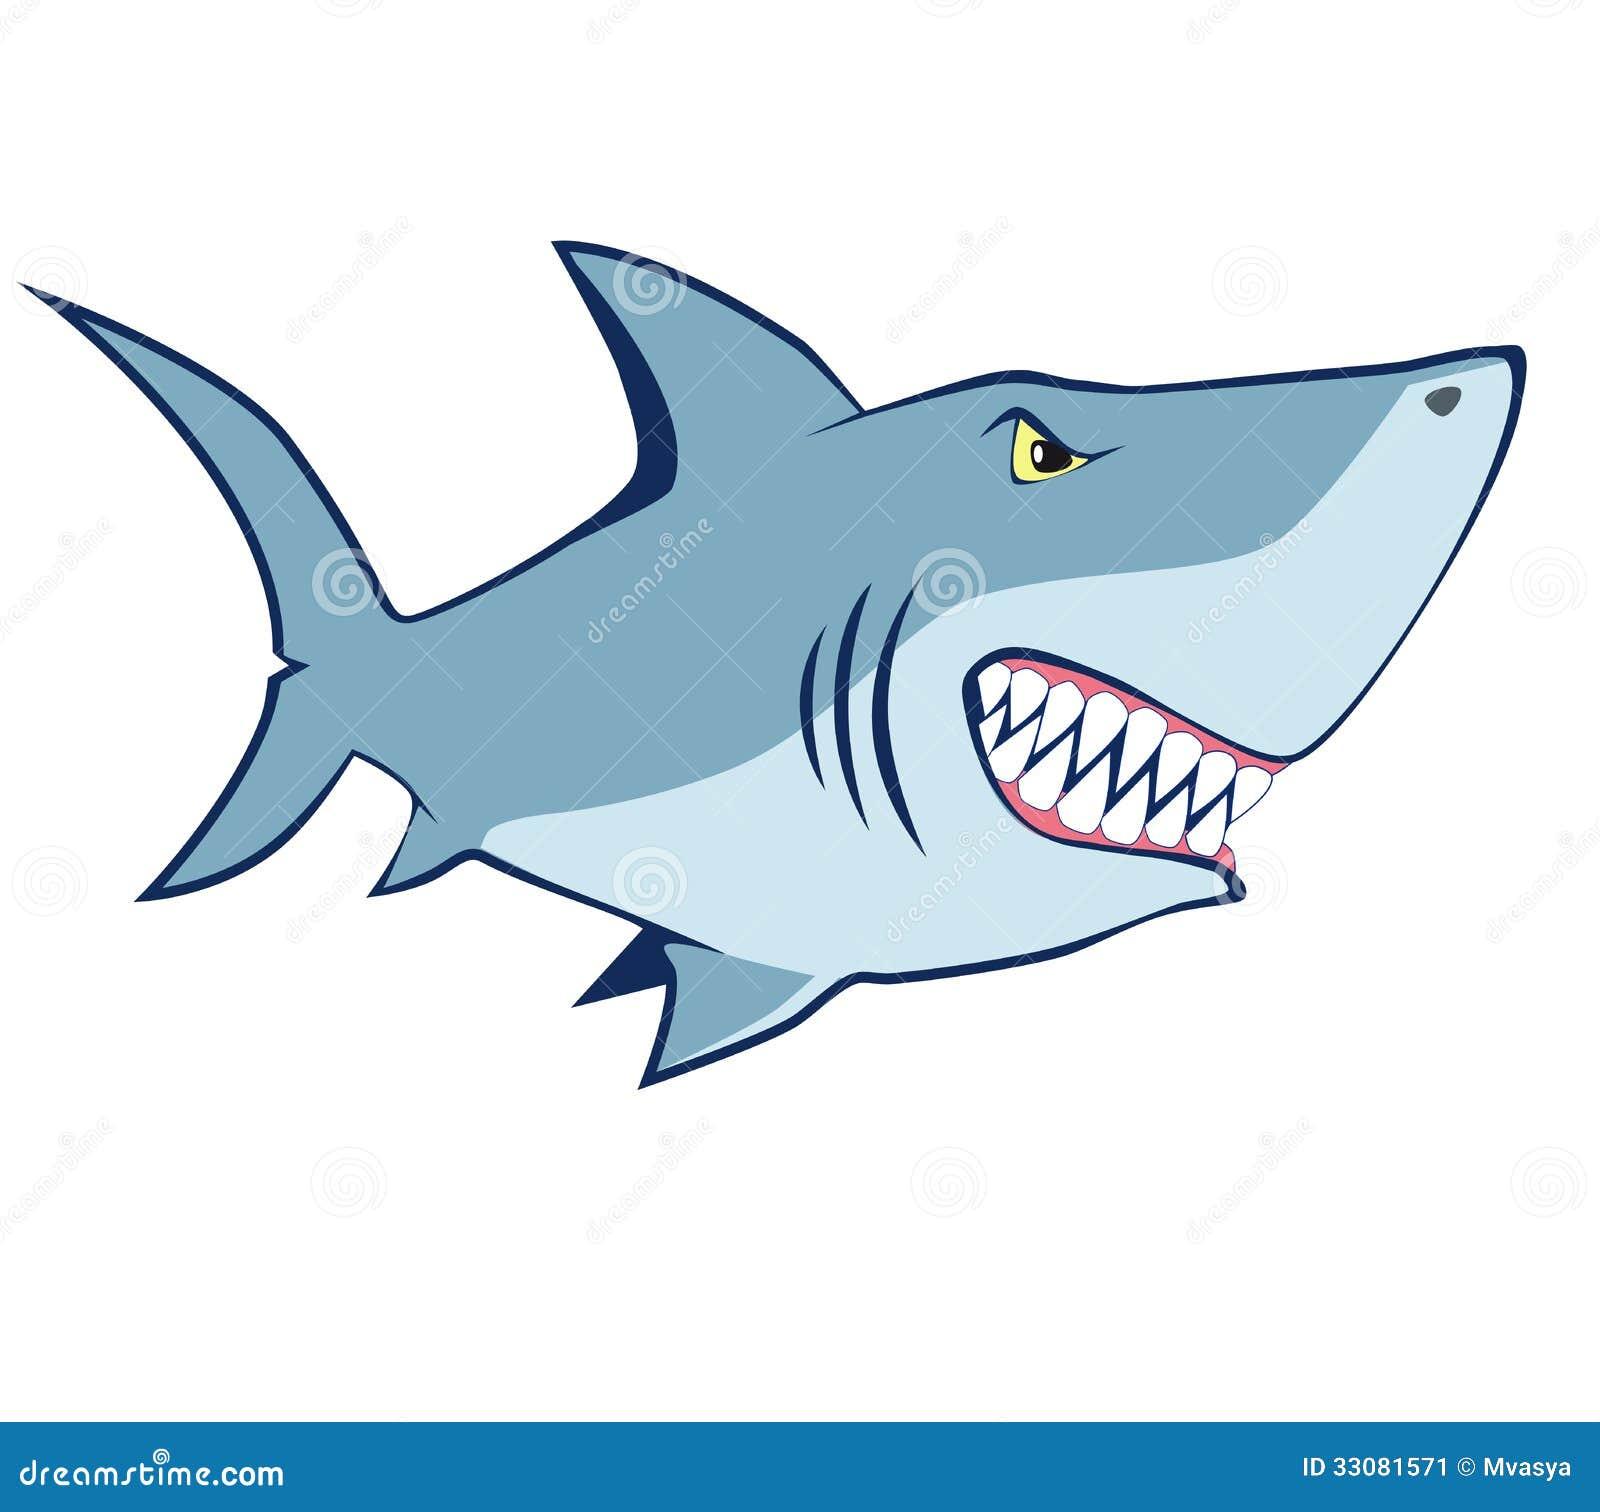 Kreskówka rekin. Wektorowa ilustracja